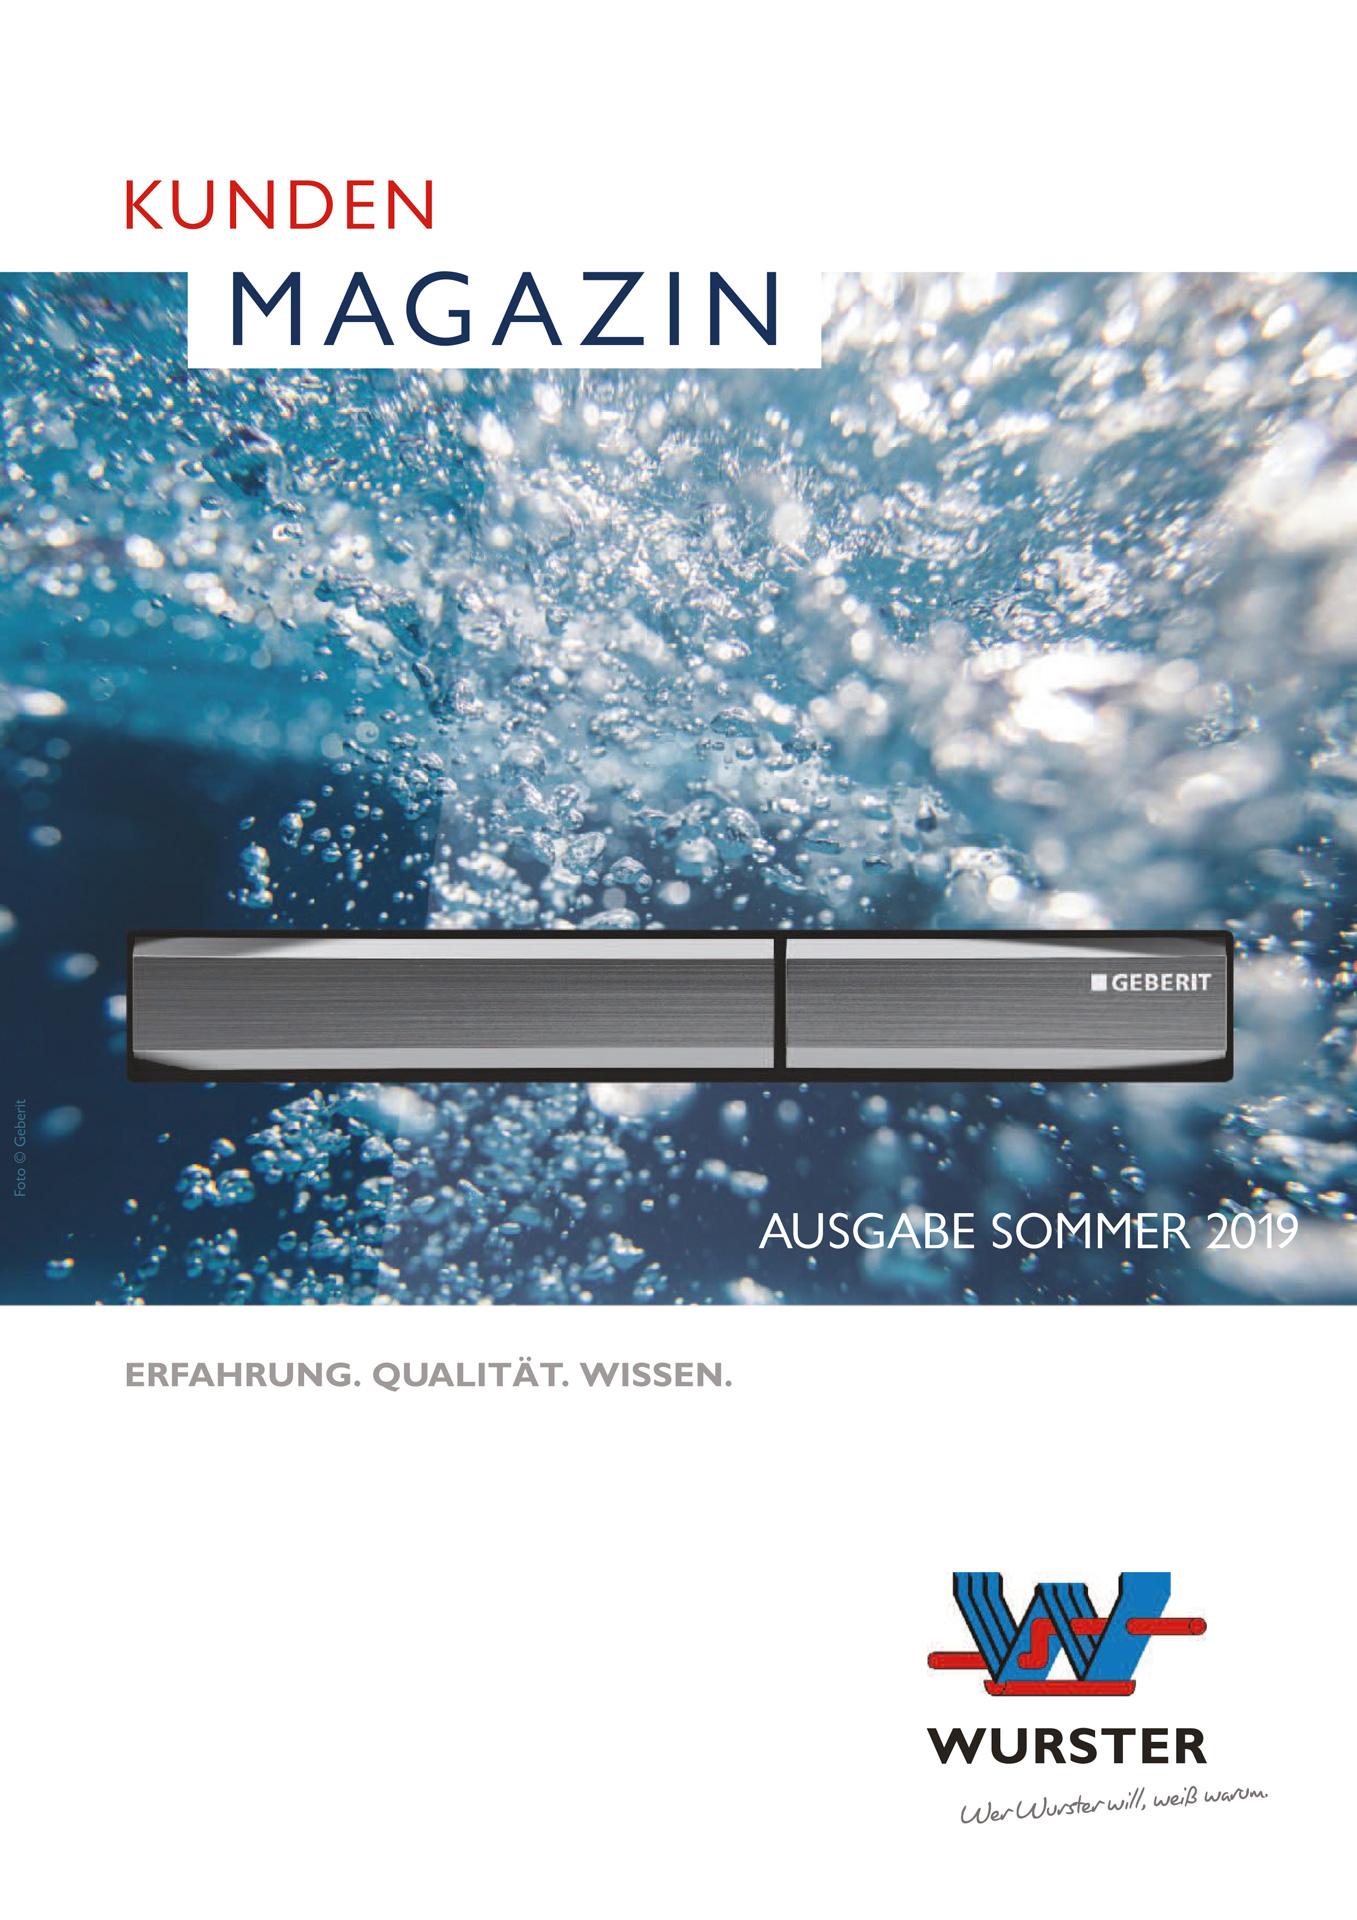 Kundenmagazin_Sommer2019